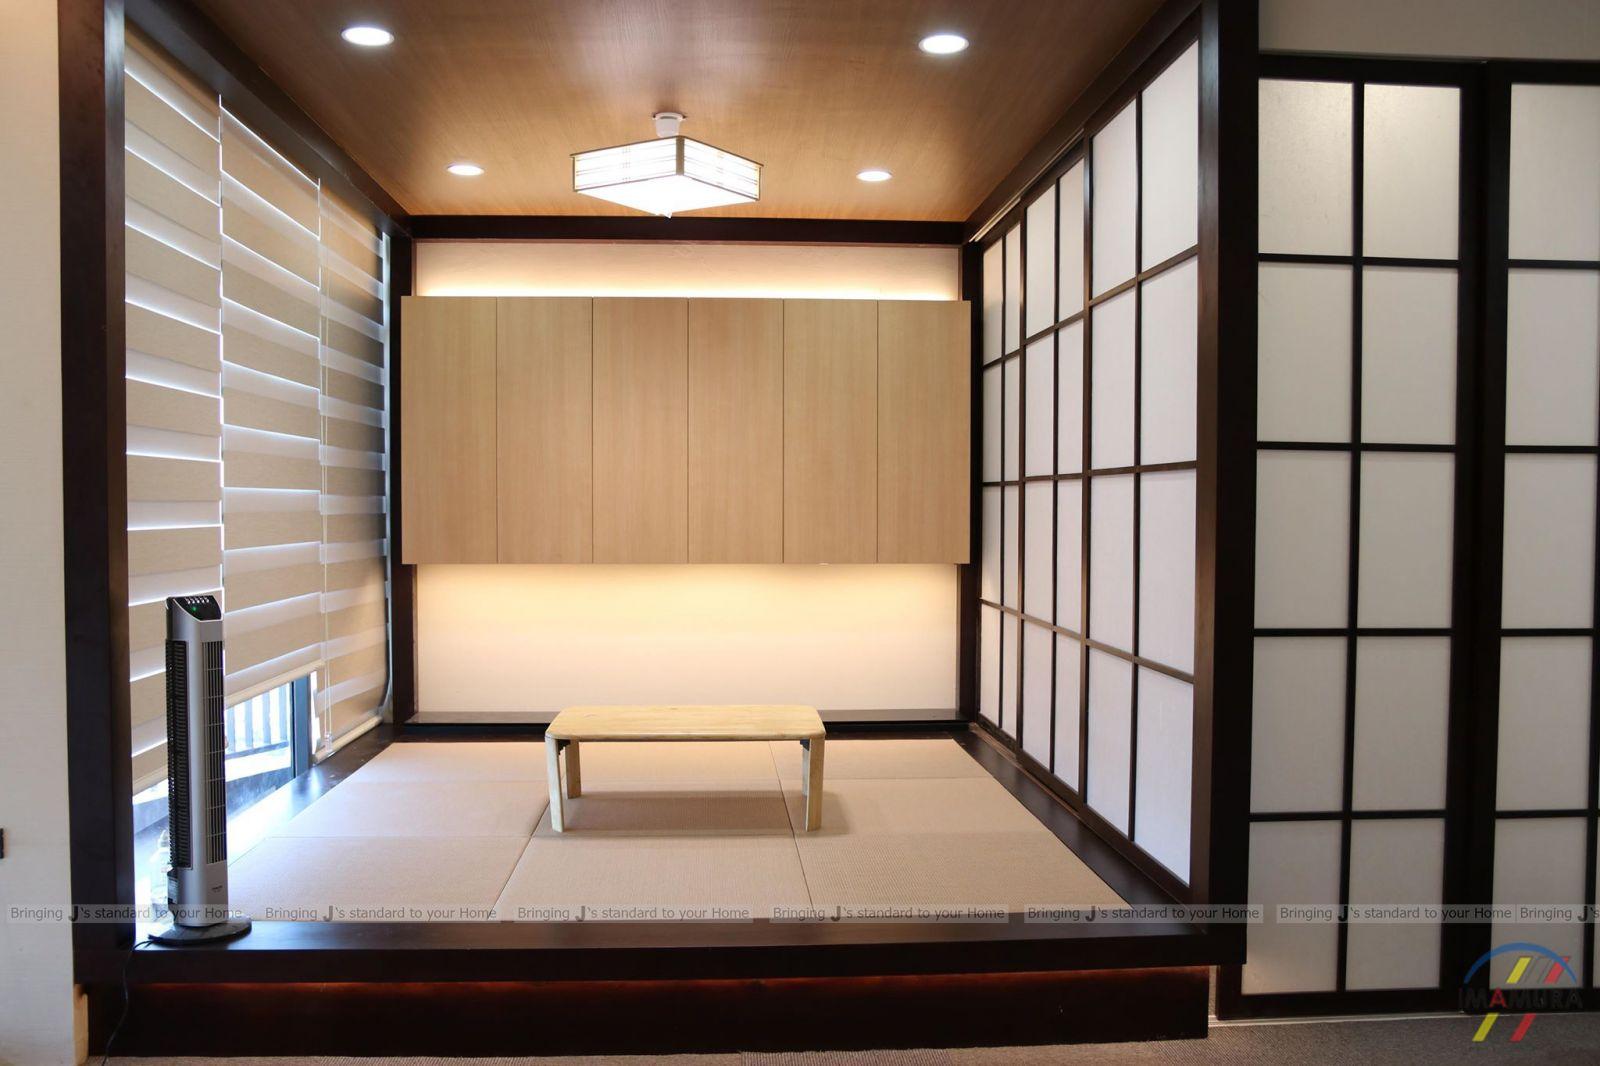 Phòng trà với vách ngăn gỗ Shoji và chiếu tatami làm nên tính cổ điển kiểu Nhật cho căn hộ